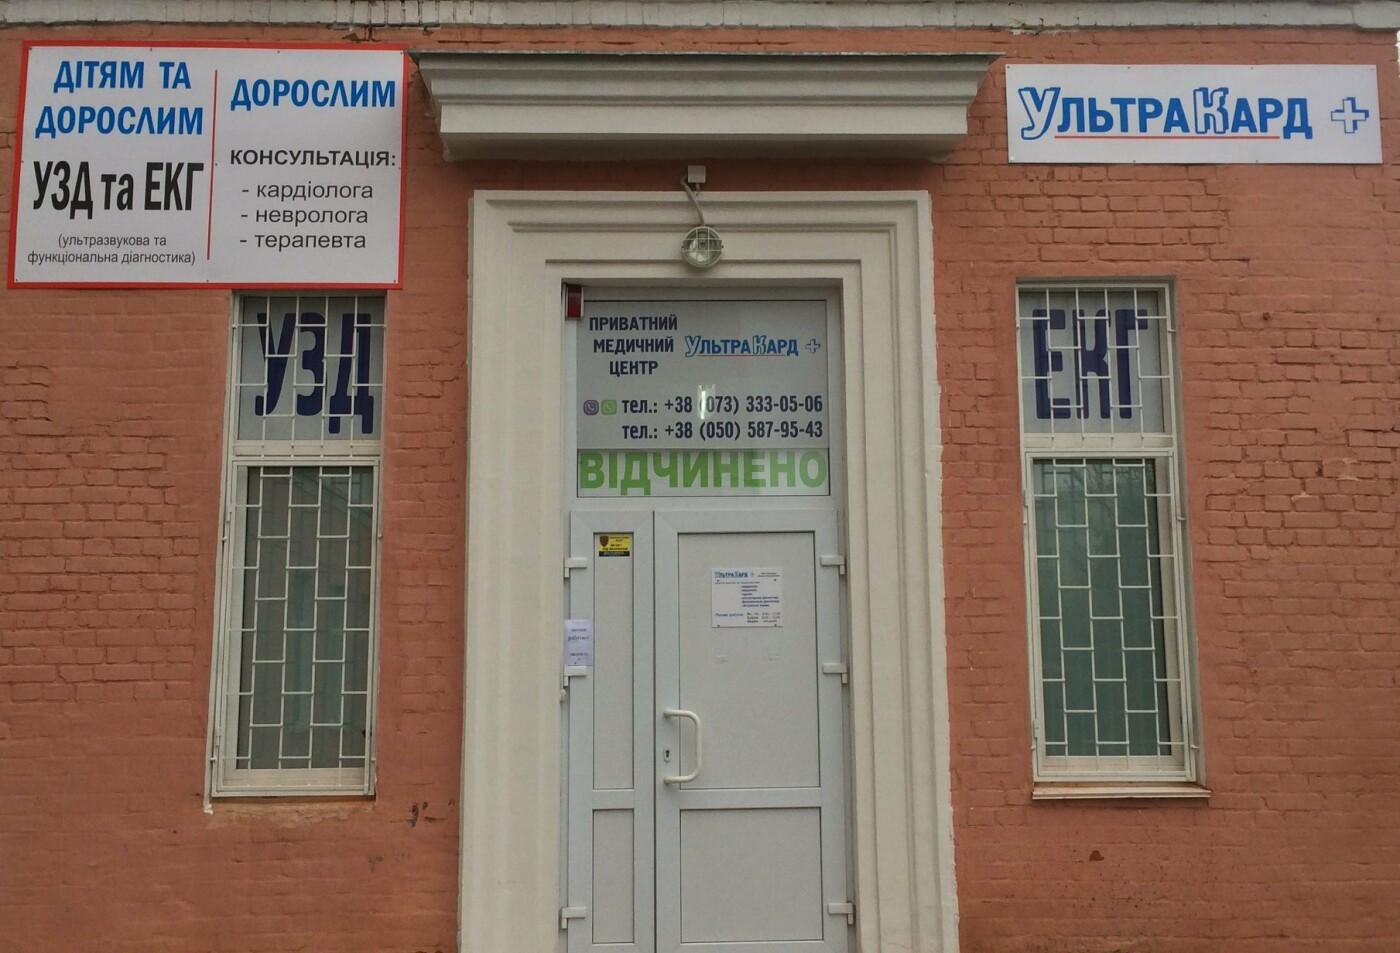 Ультракард+: приватний медичний центр, фото-4